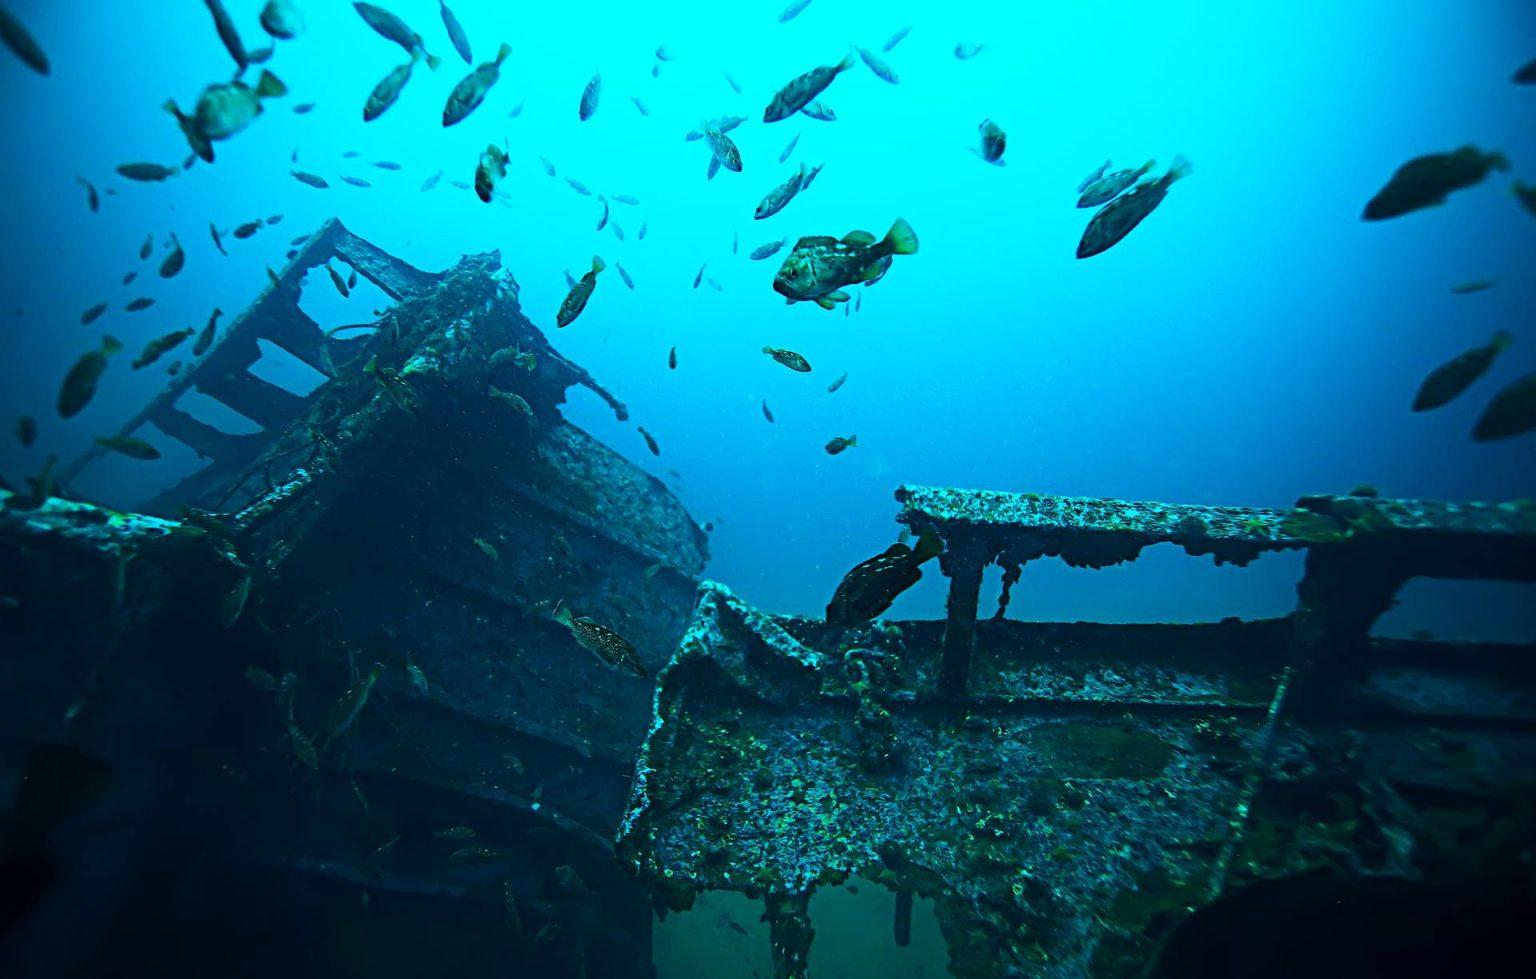 кошка индианаполис фото затонувшего корабля это